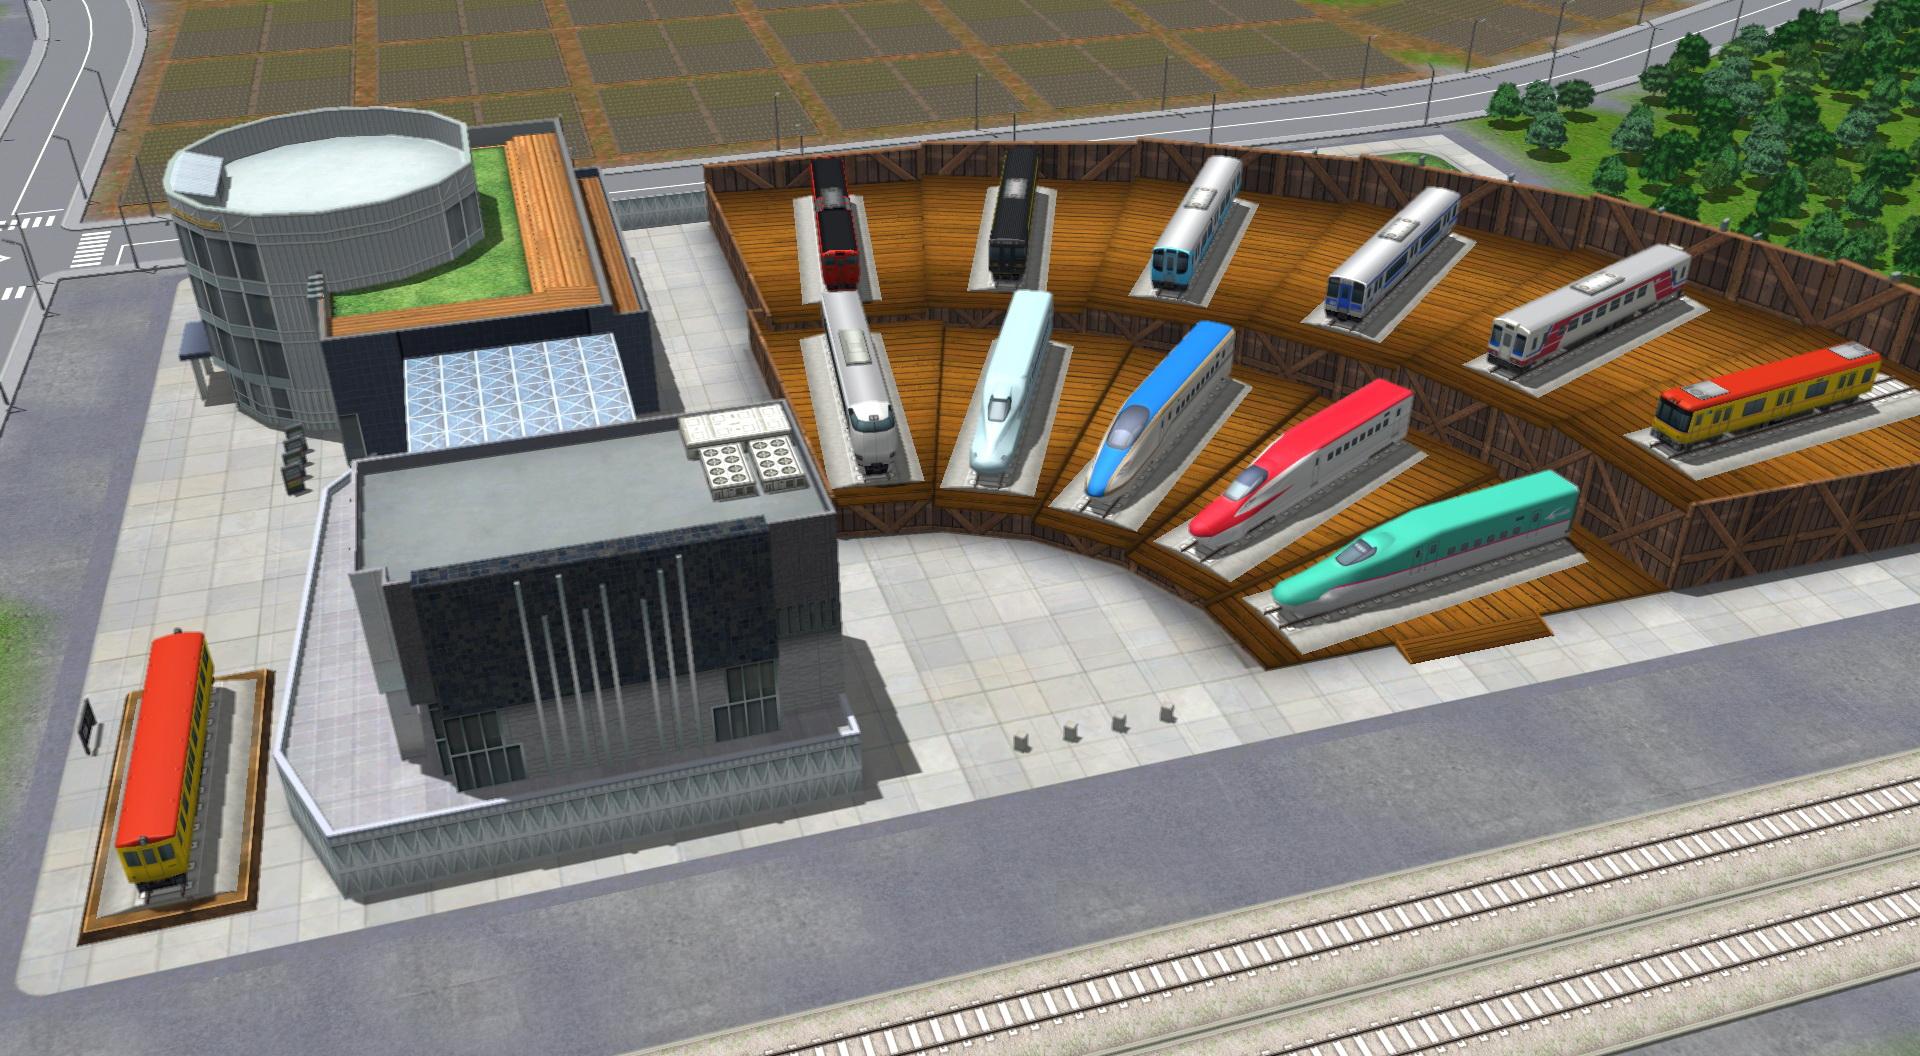 「A列車で行こう9 Version3.0プレミアム」に新規収録された車両を展示可能な、「ミニ鉄道博物館」を新設することができる